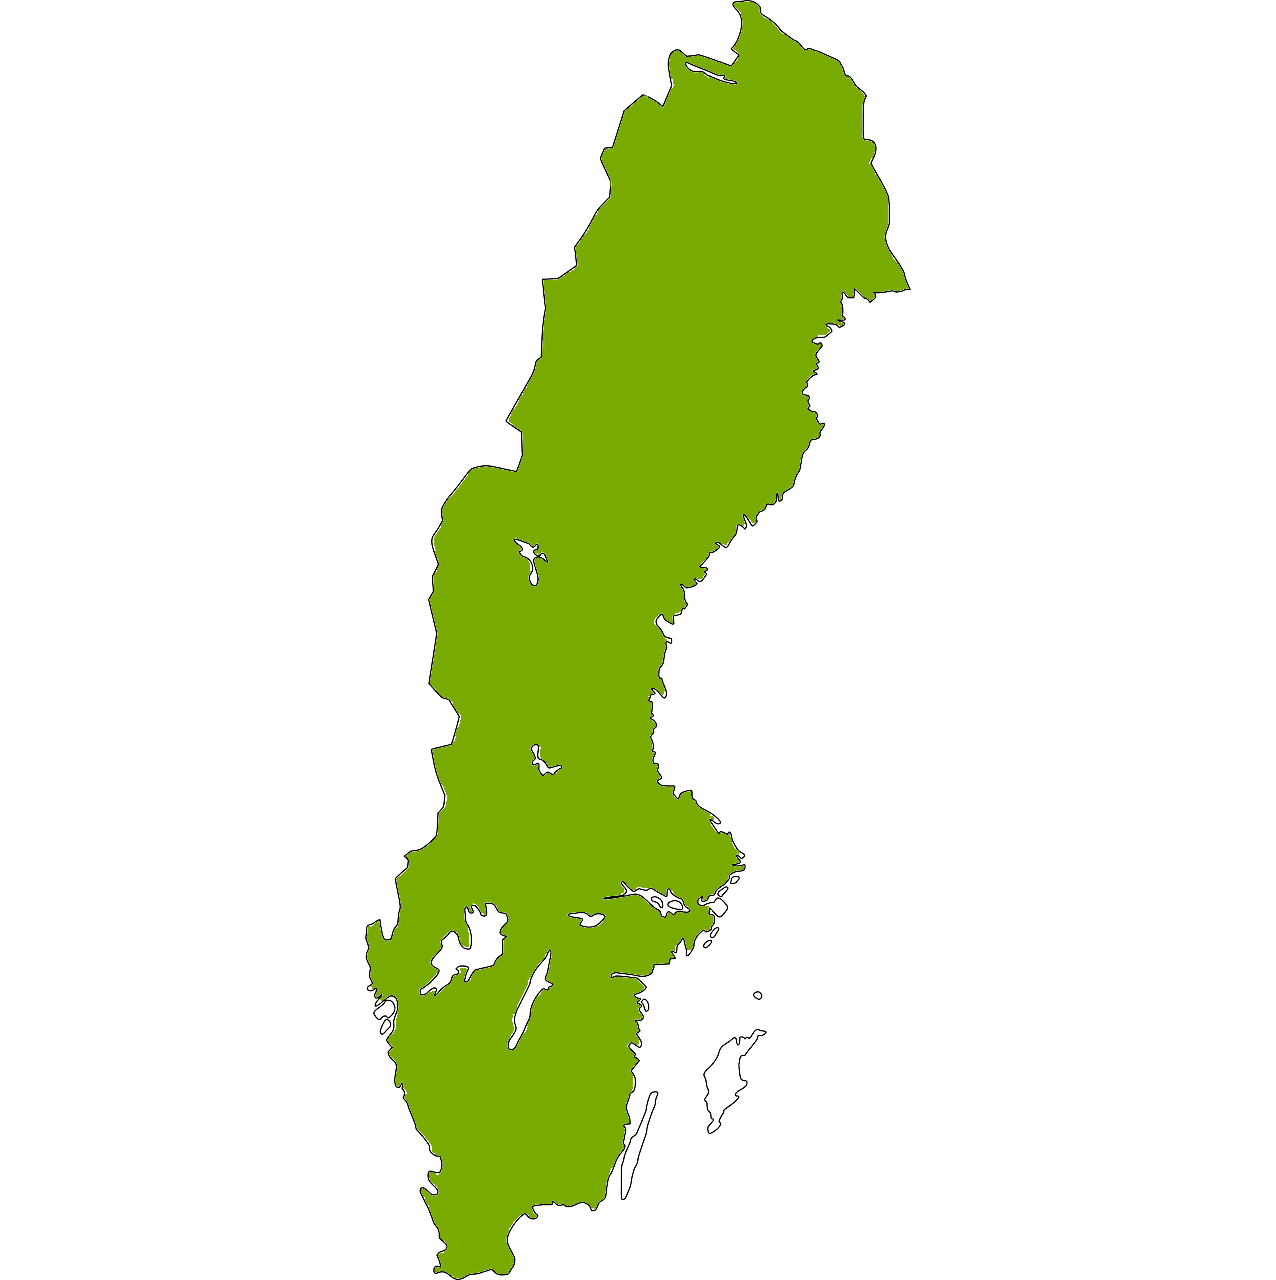 Sverigekarta i grönt